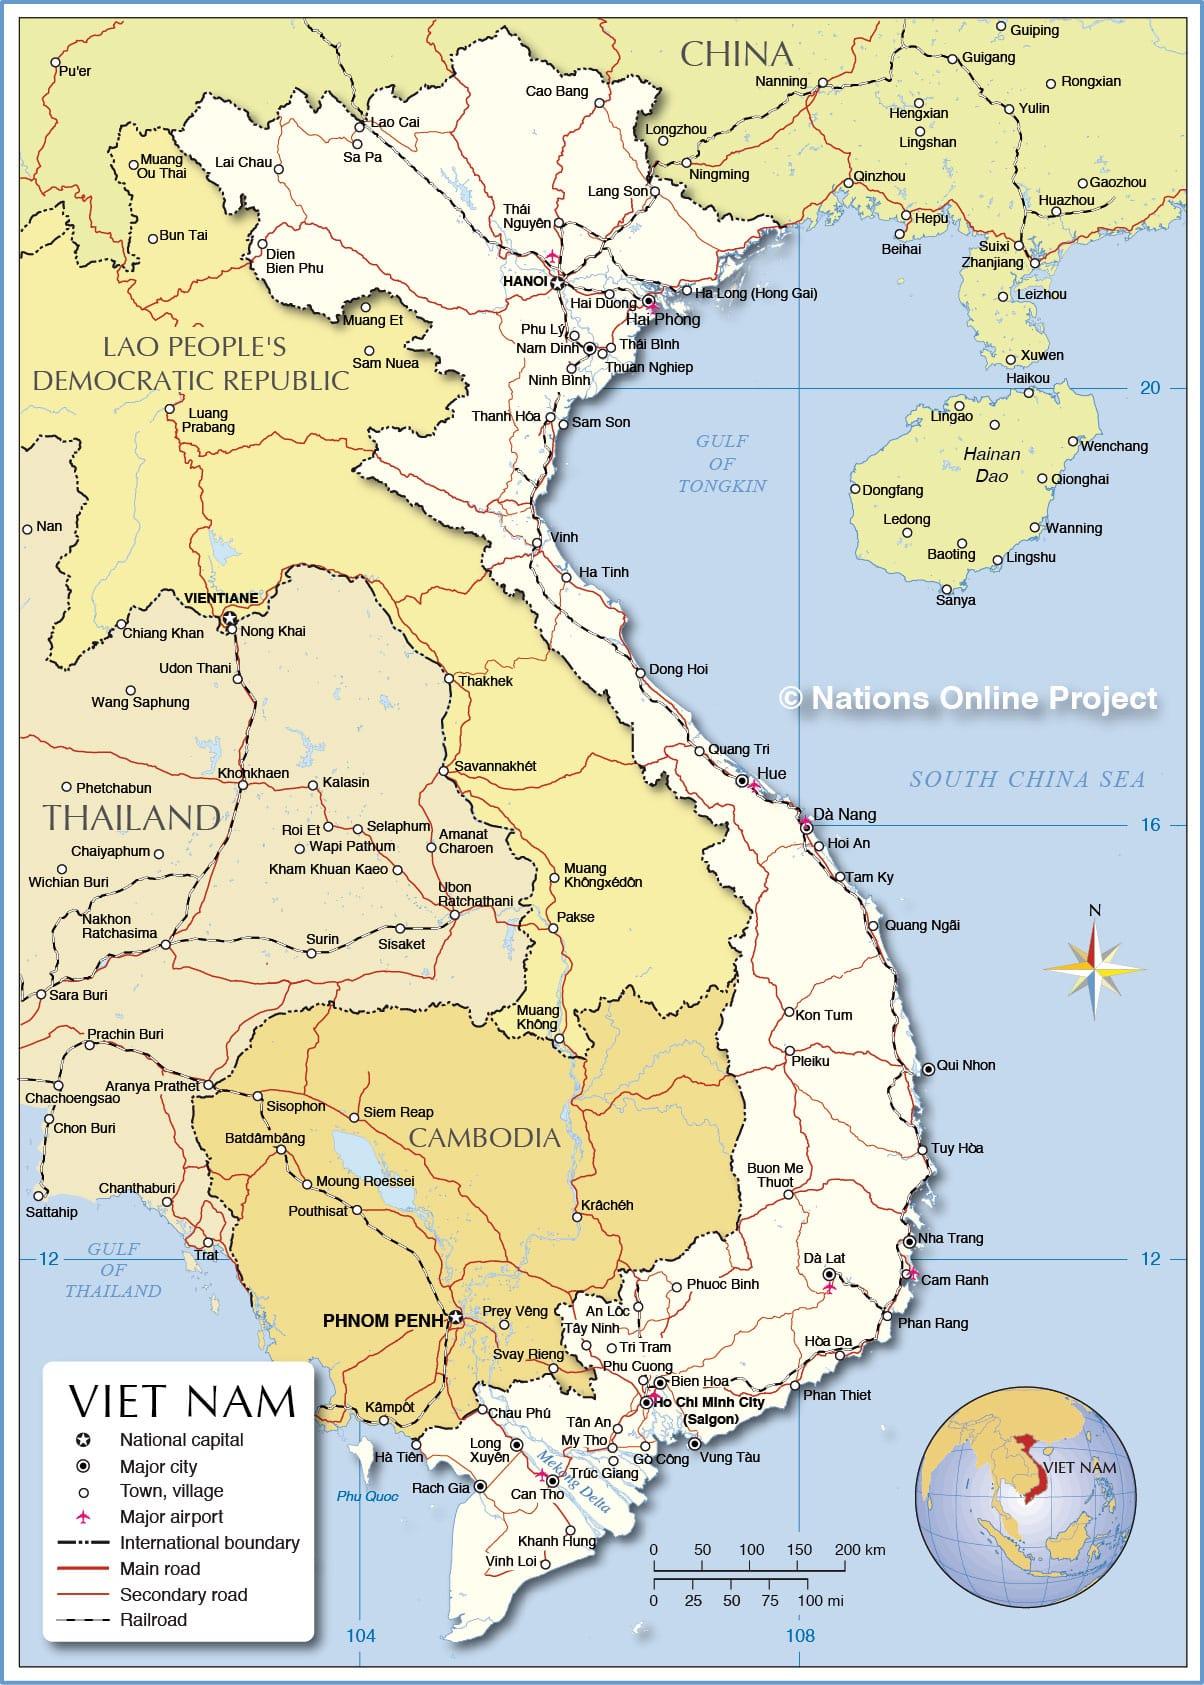 خريطة فيتنام و حدودها